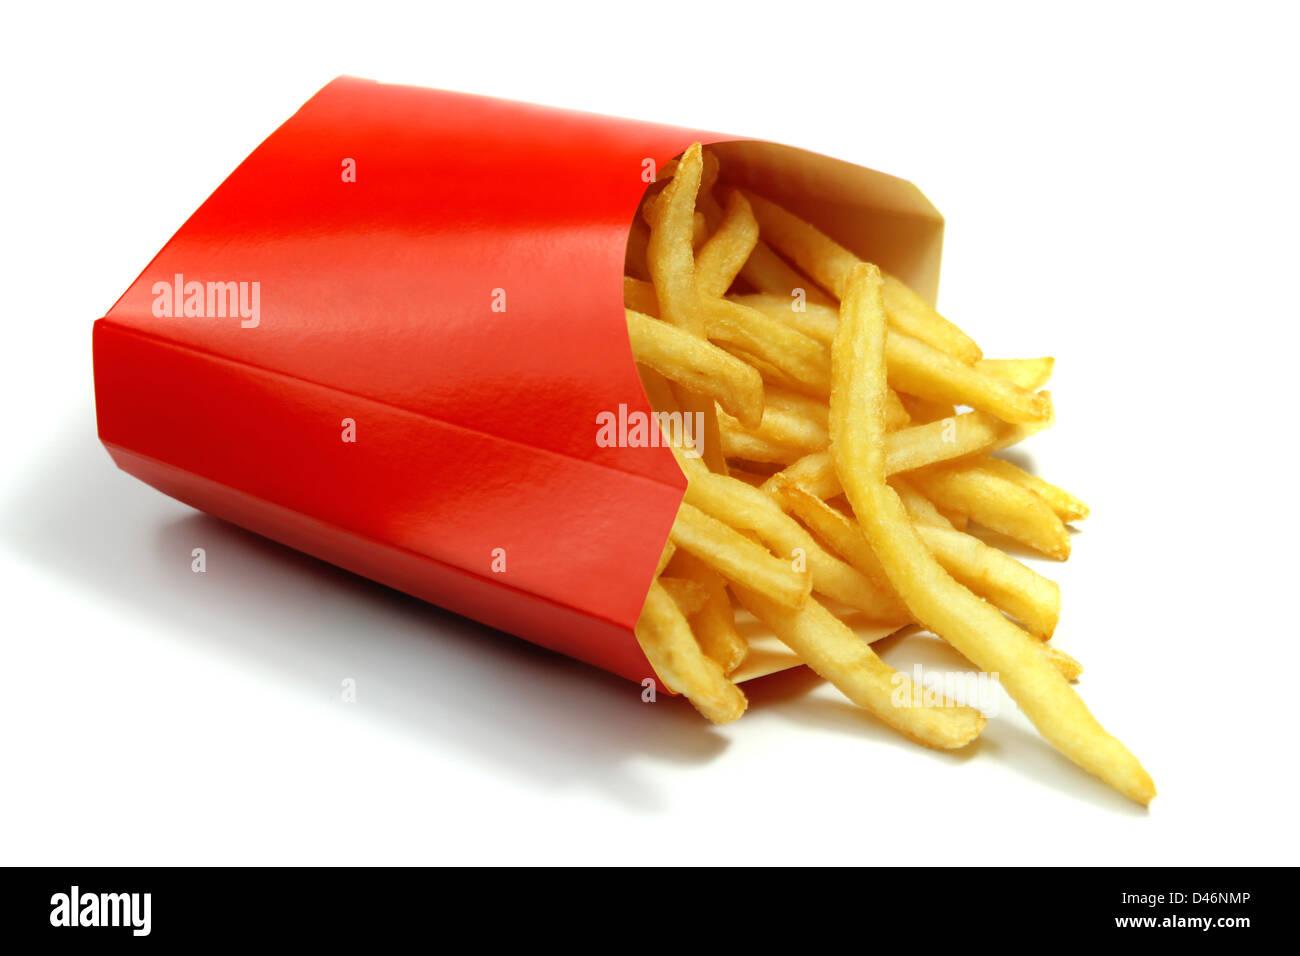 Pommes frites in einem roten Papierverpackung Stockbild